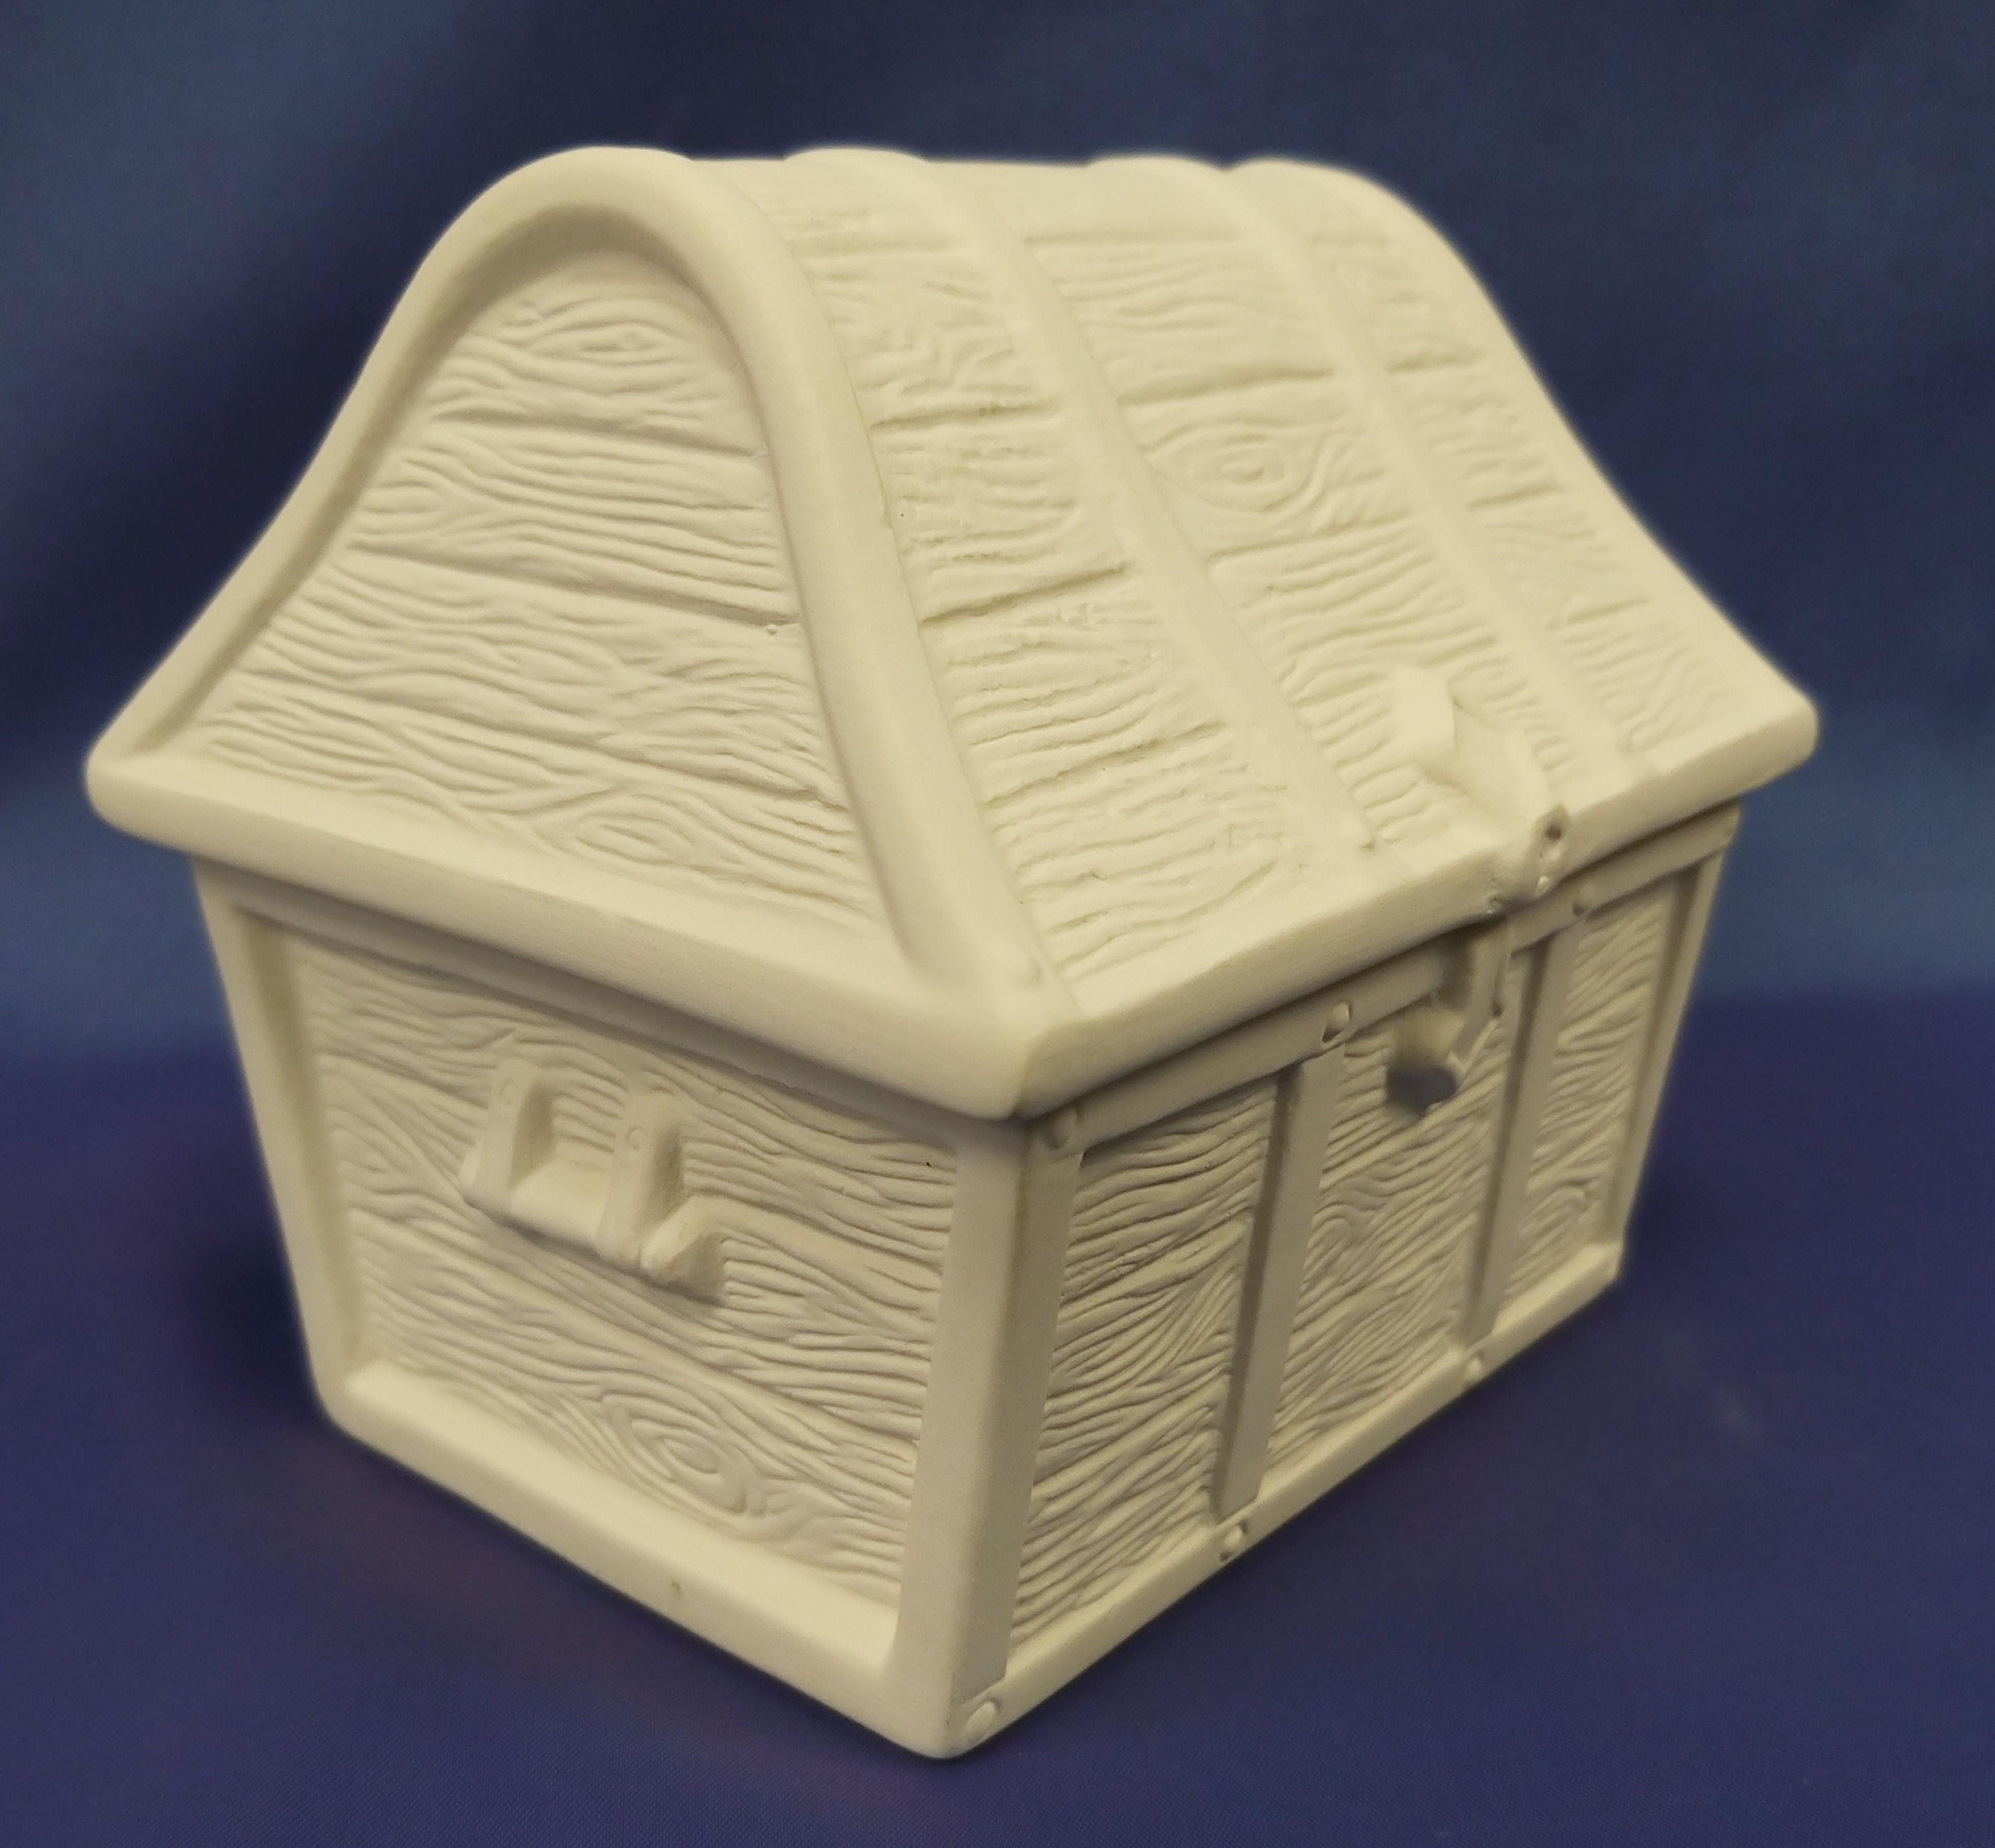 Pirate Treasure Chest Box